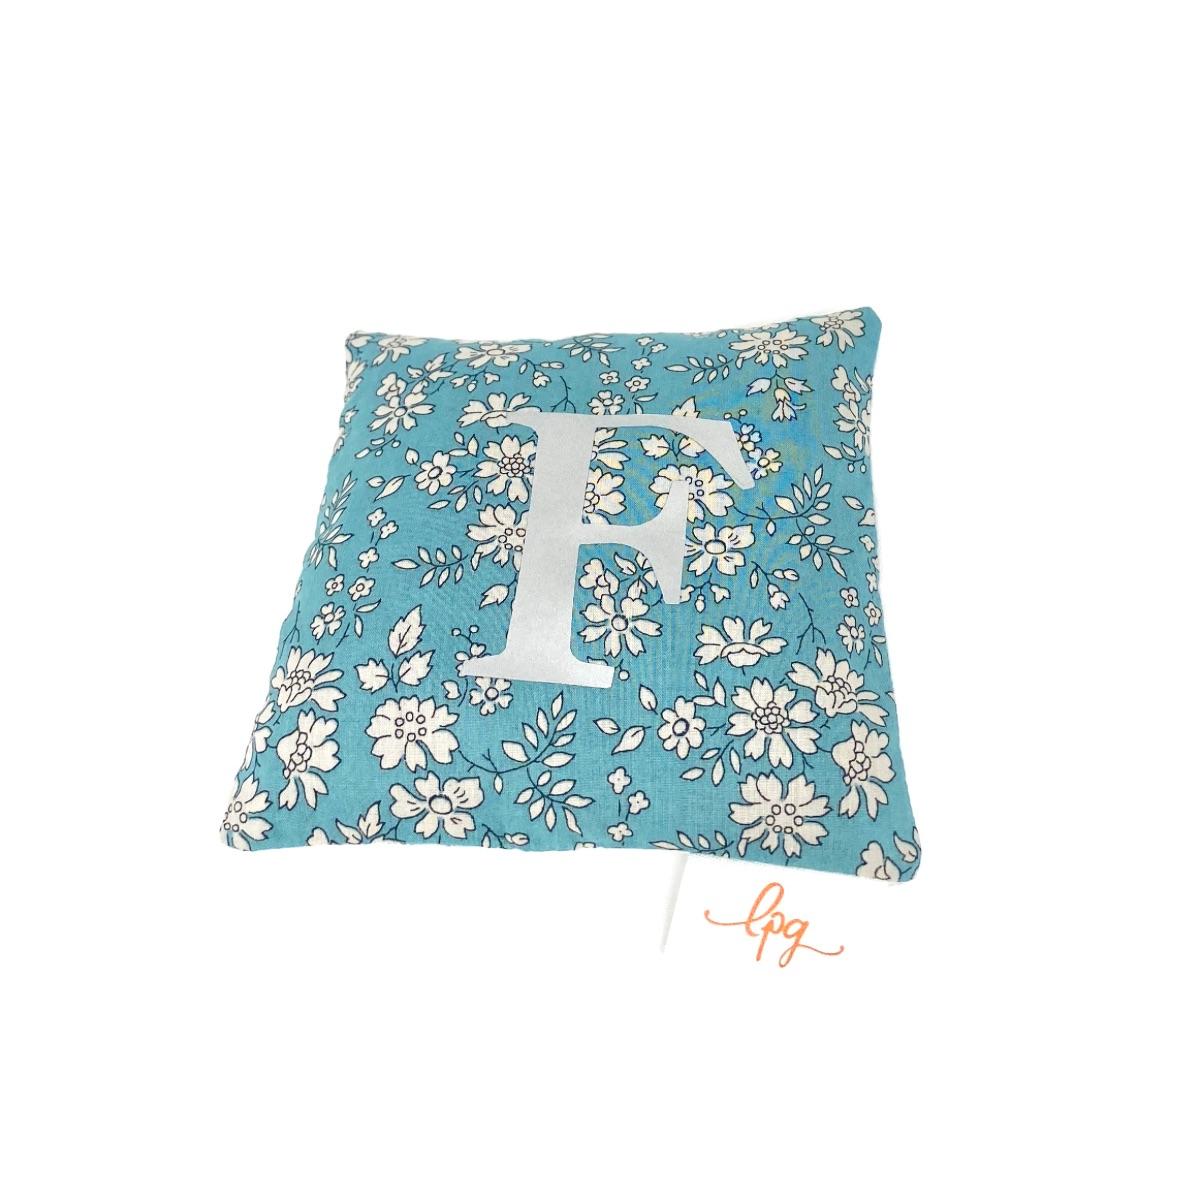 Personalised Liberty Lavender Bag-Pillow